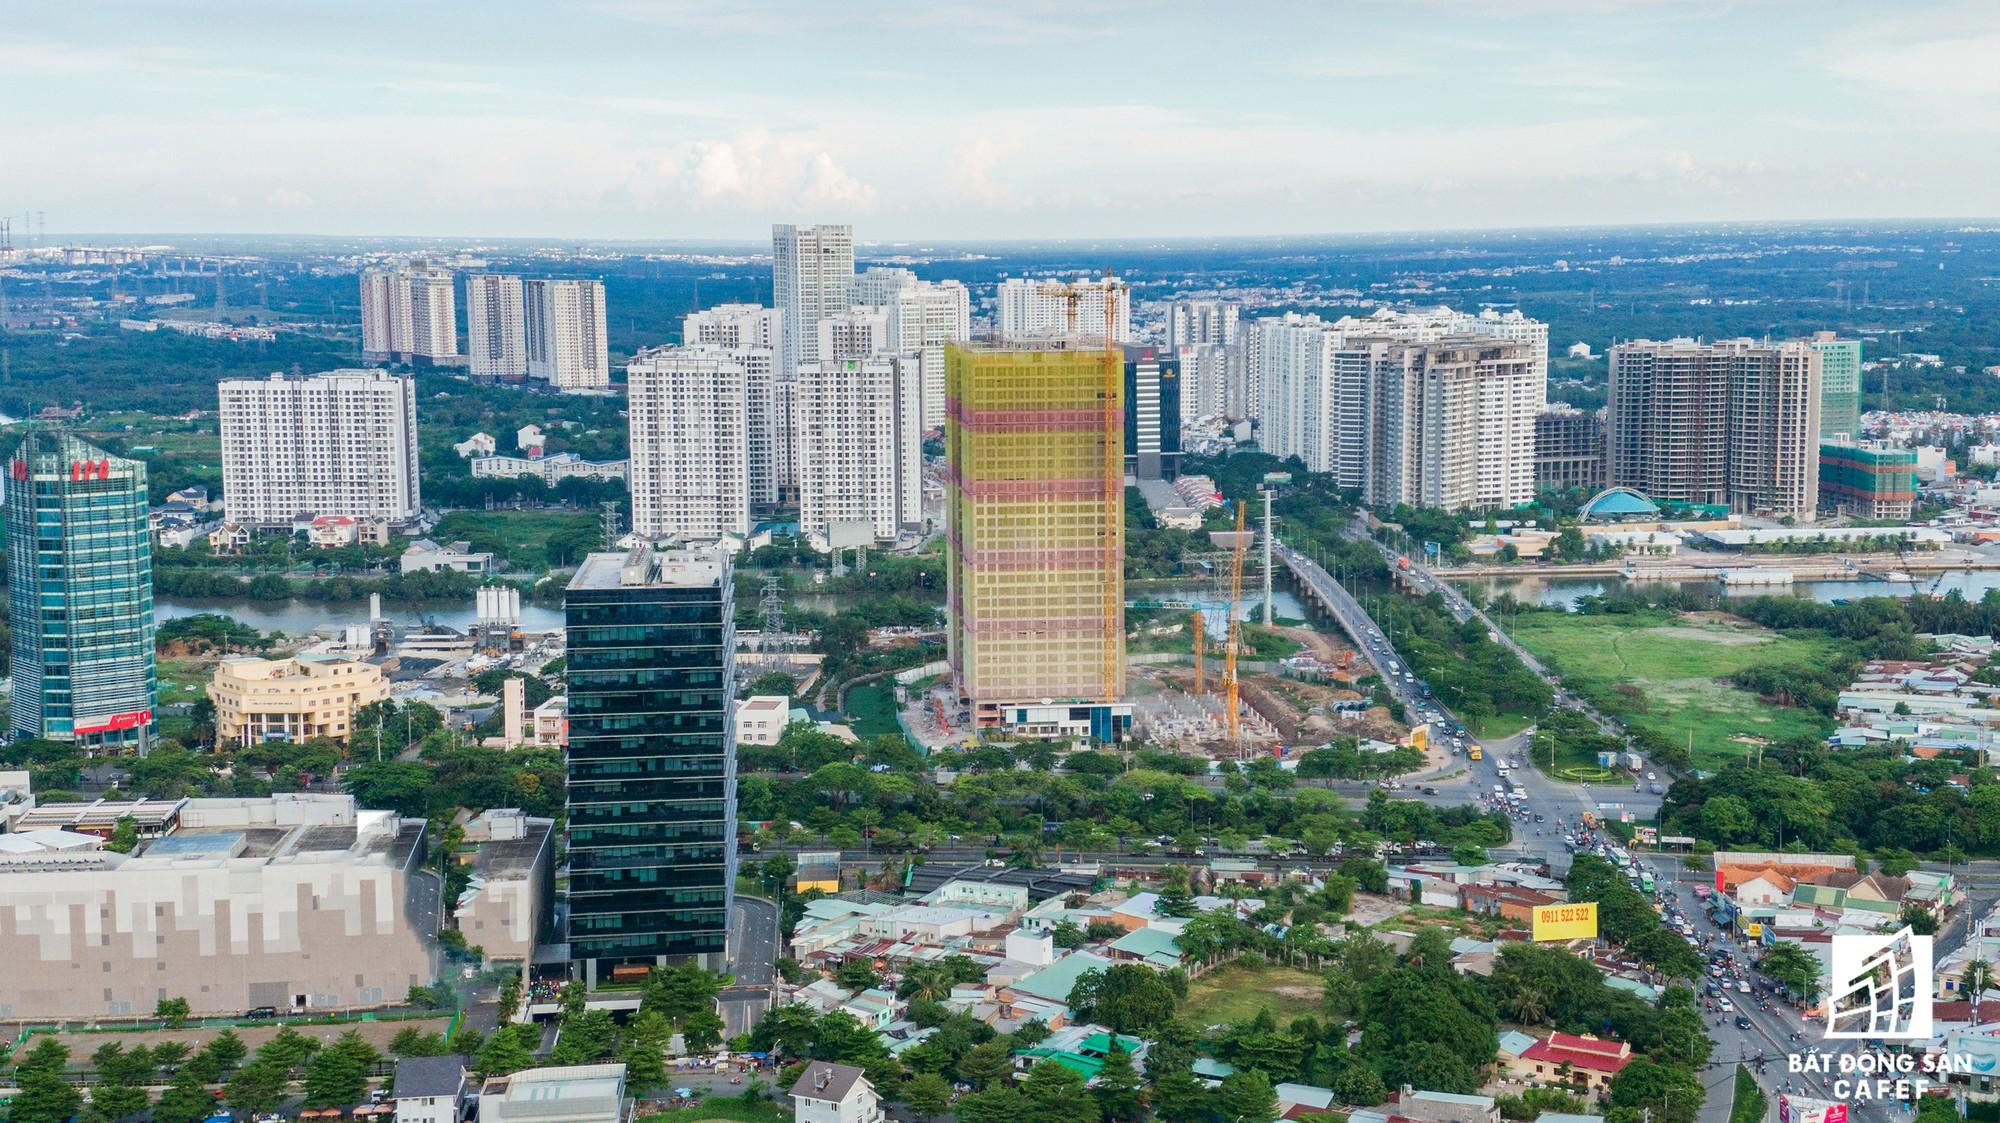 Toàn cảnh đại lộ tỷ đô đã tạo nên một thị trường bất động sản rất riêng cho khu Nam Sài Gòn - Ảnh 21.